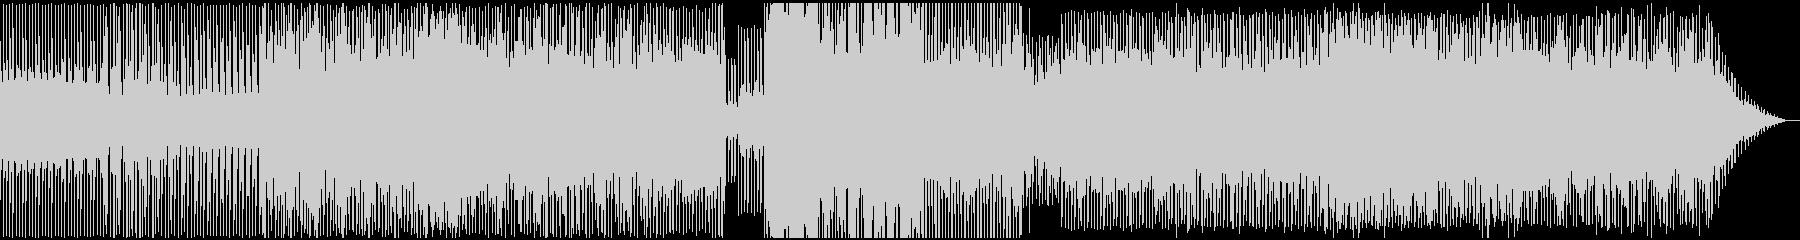 淡々と無機質なテクノサウンドの未再生の波形